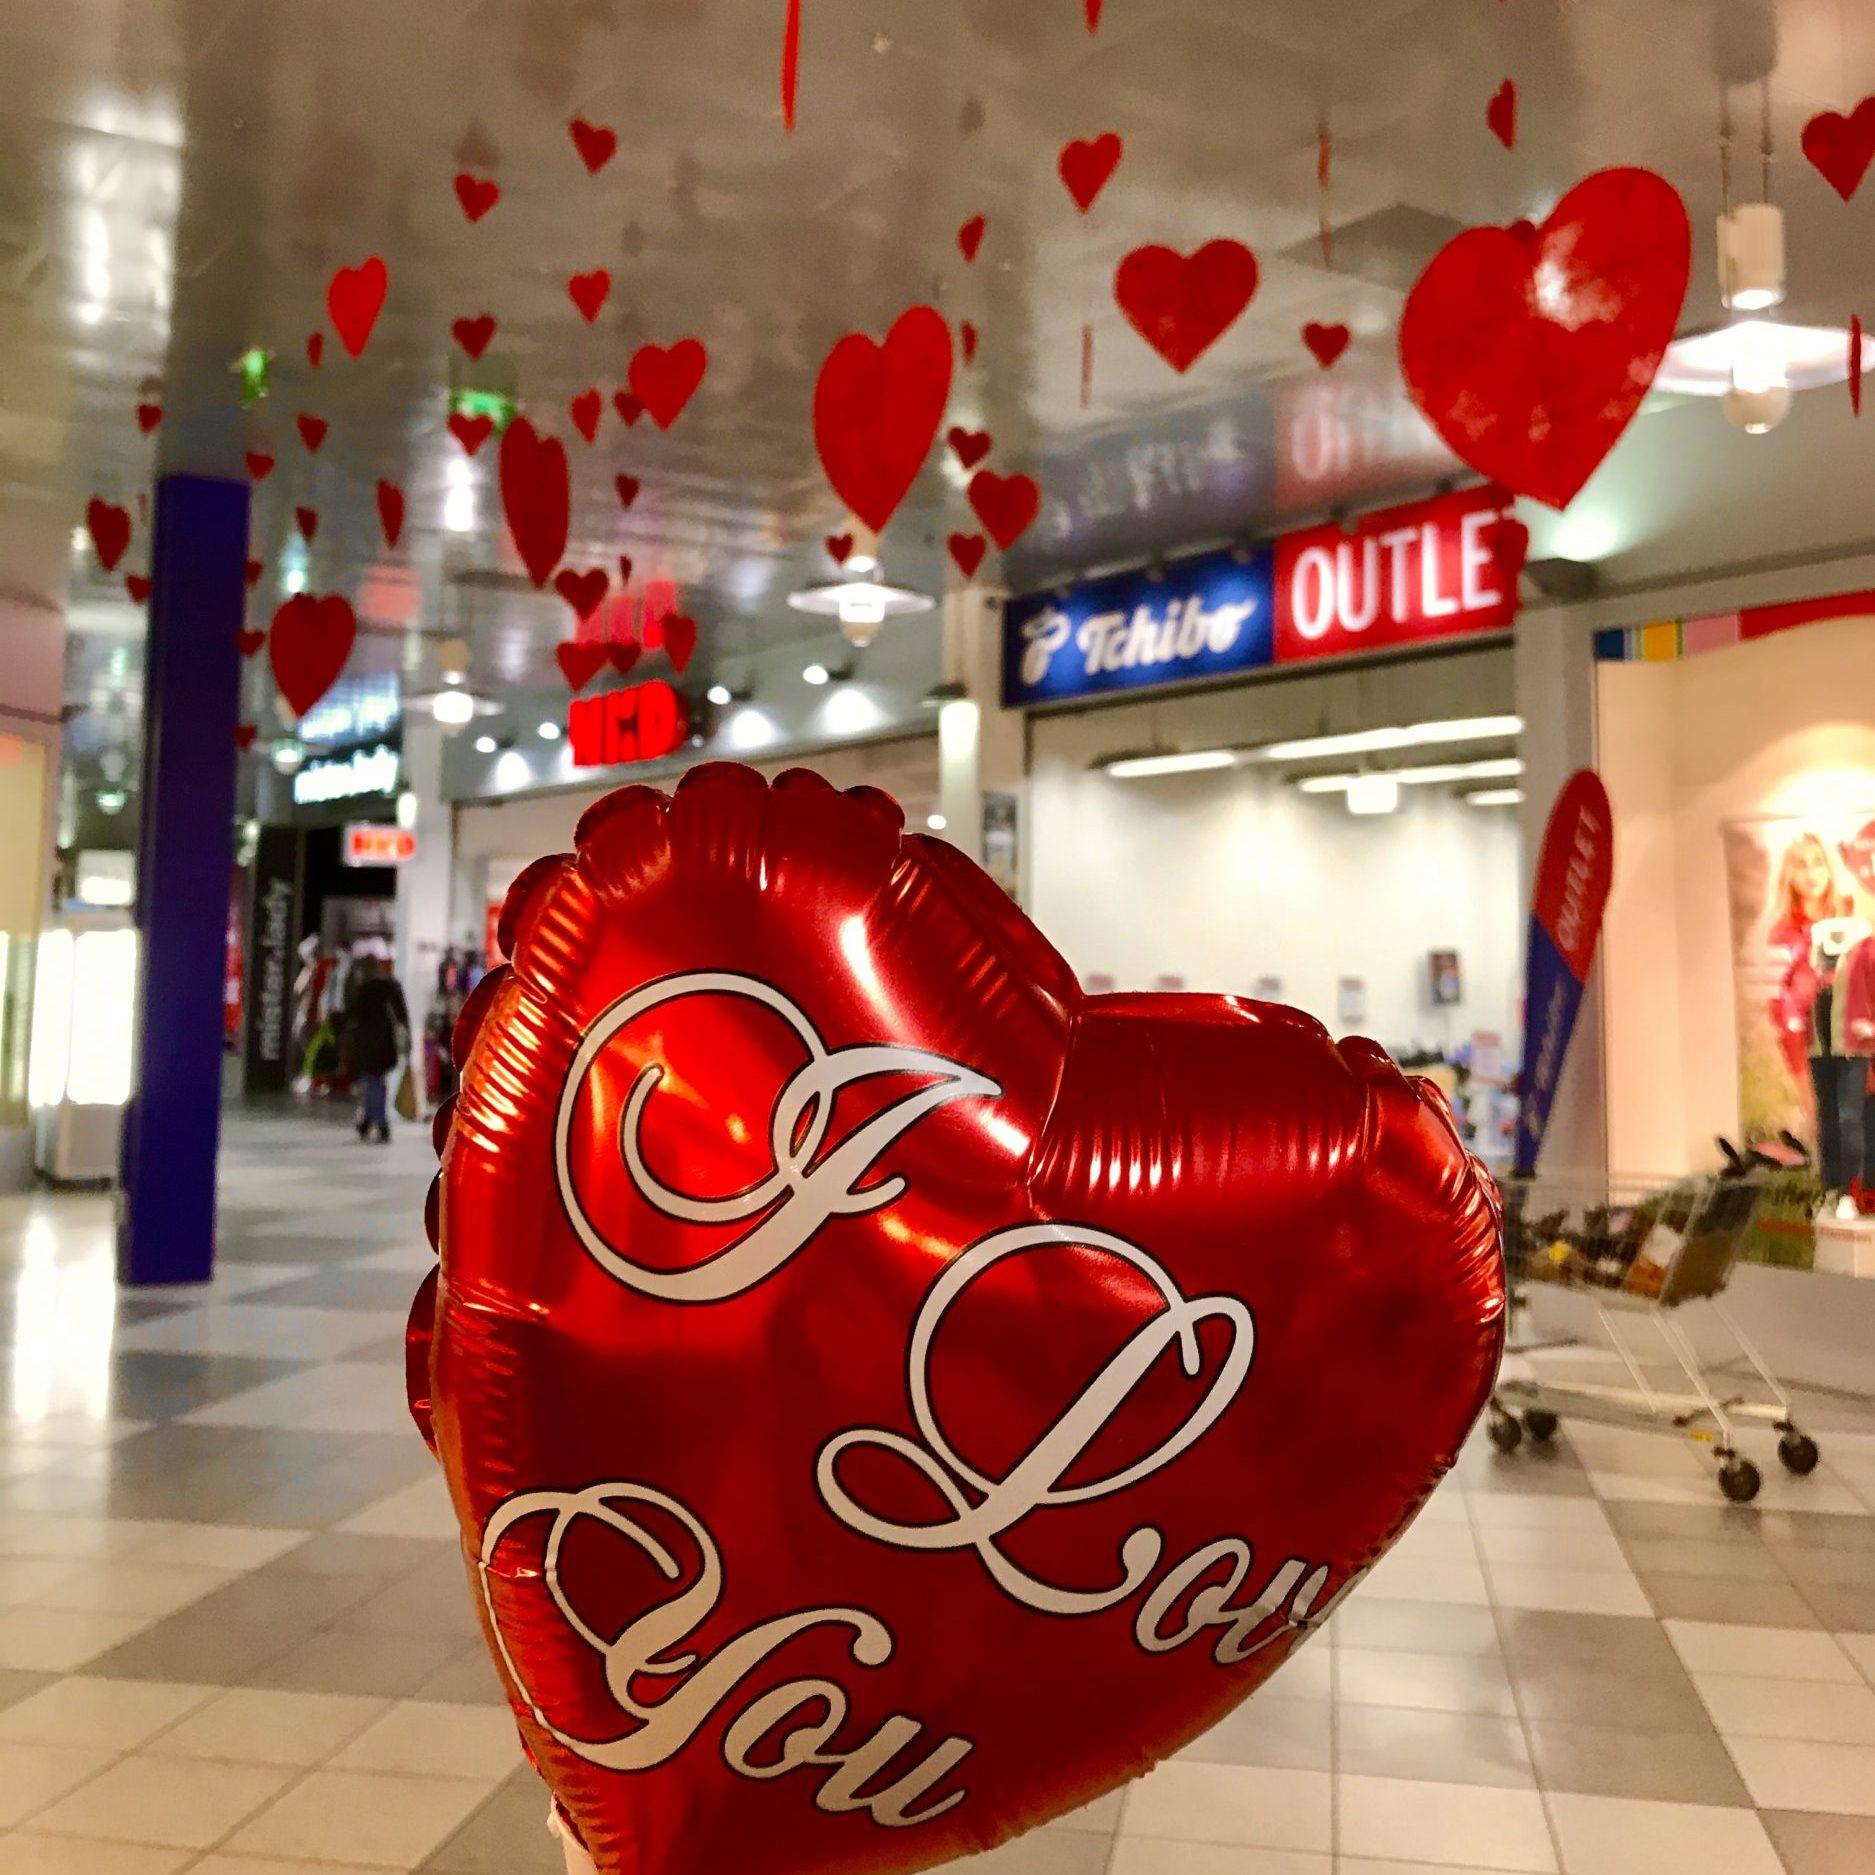 Wir verteilen Liebe im Center am FR, 14.02.2020 zw. 14 und 16 Uhr